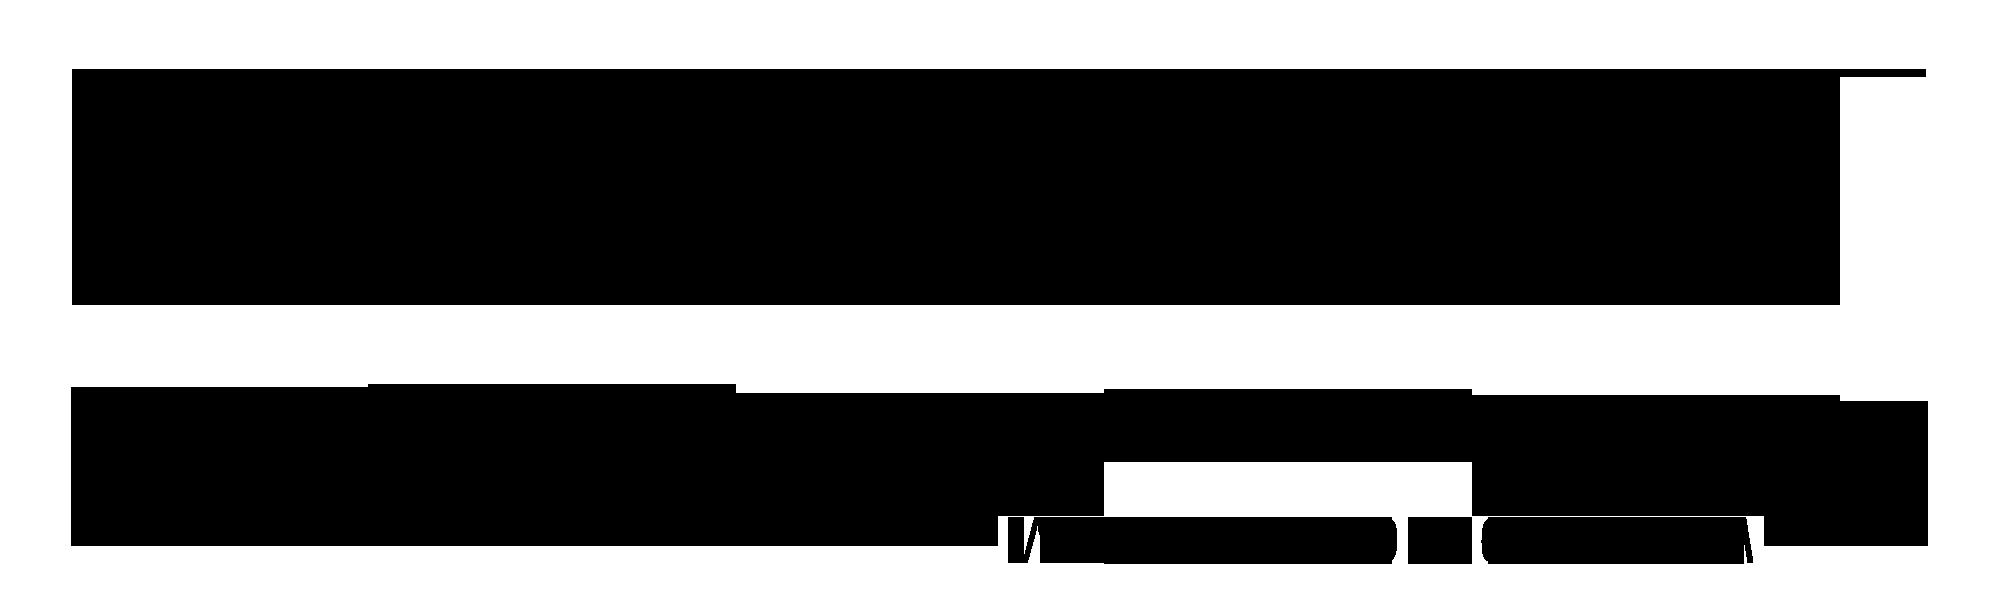 Carpologija – Ribolovačka oprema i pribor